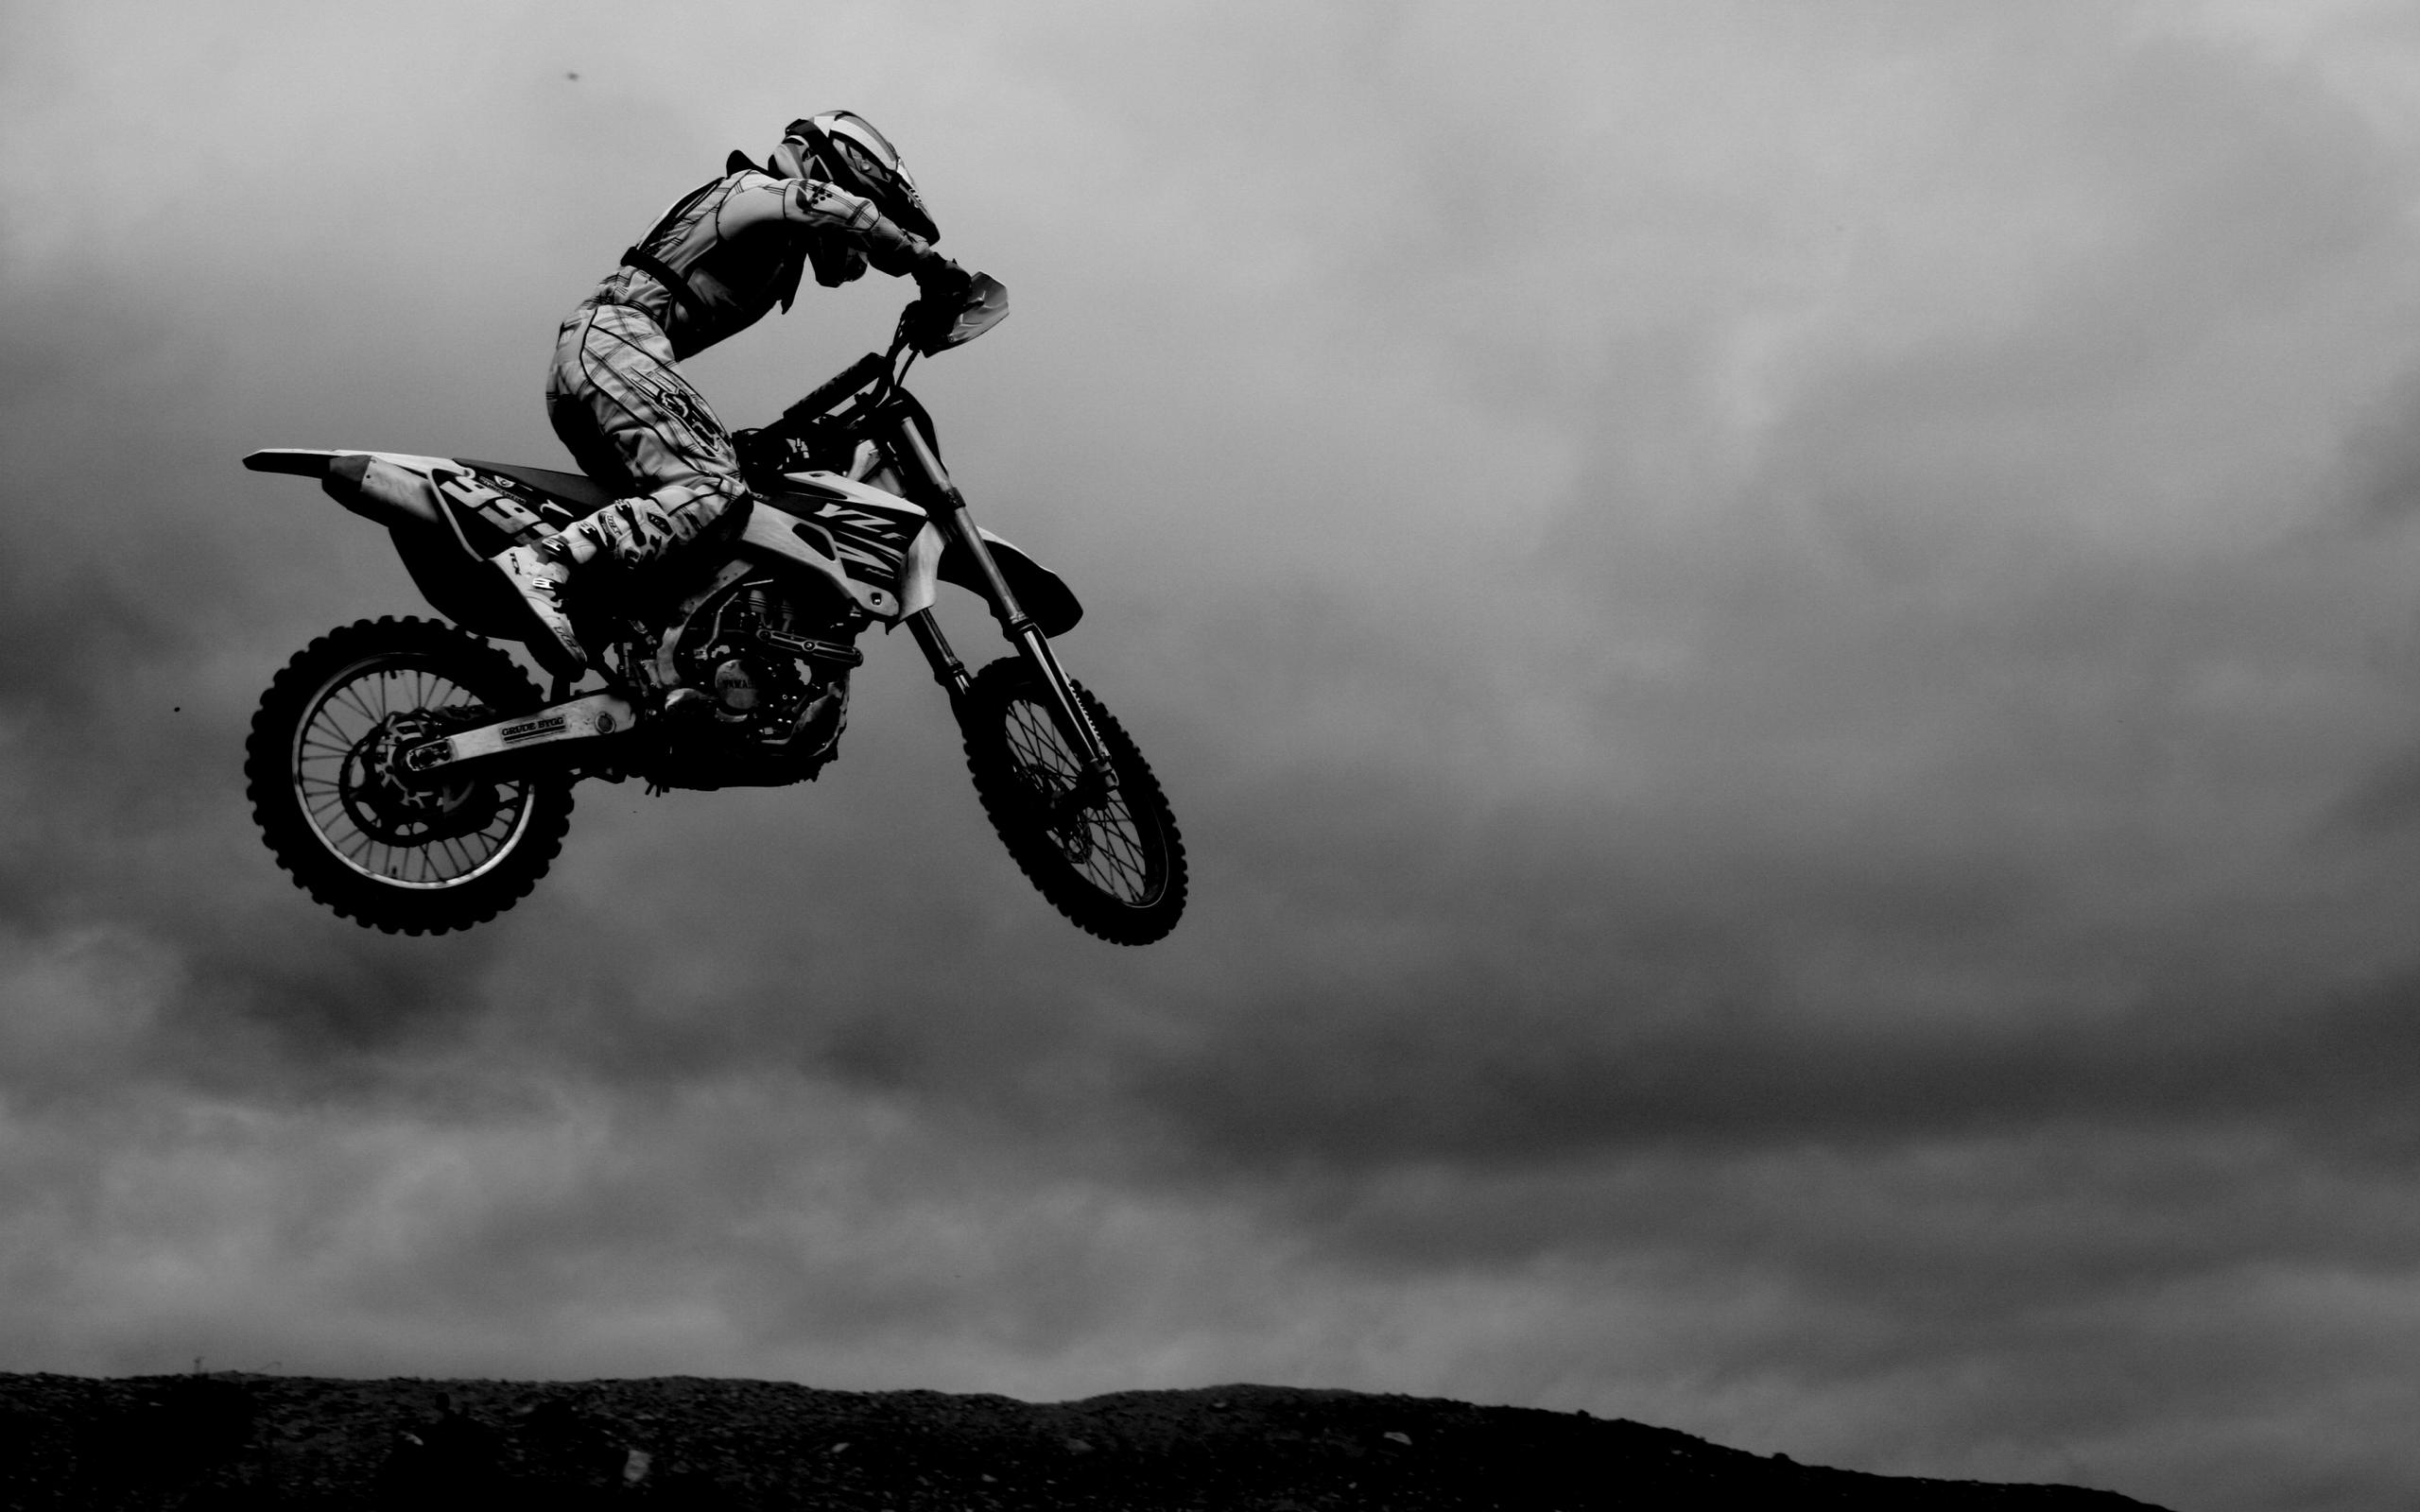 мотофристайл, мотоцикл, прыжок